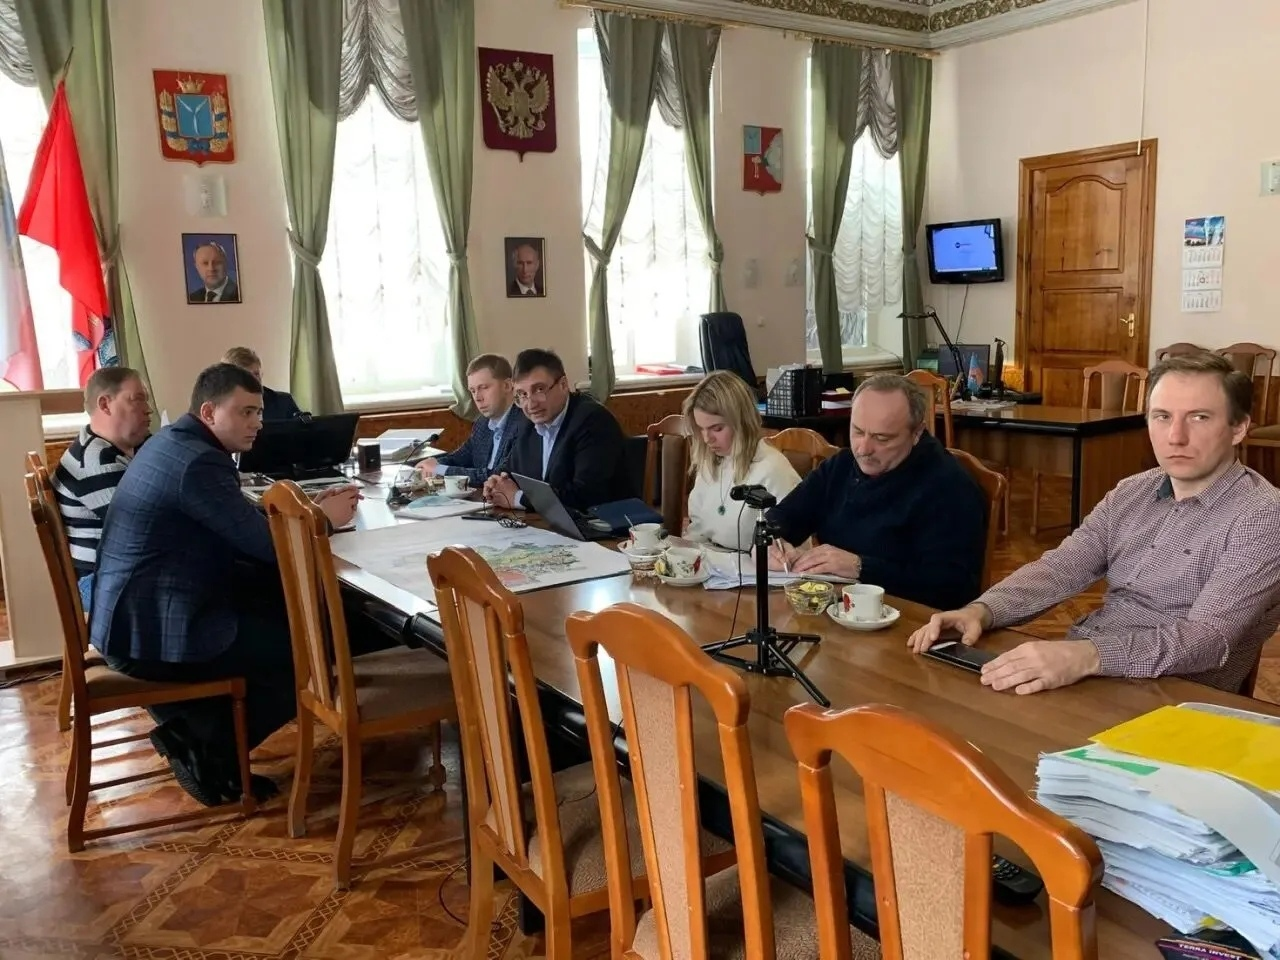 Руководство Петровского района рассматривает возможности повышения уровня собираемости налогов